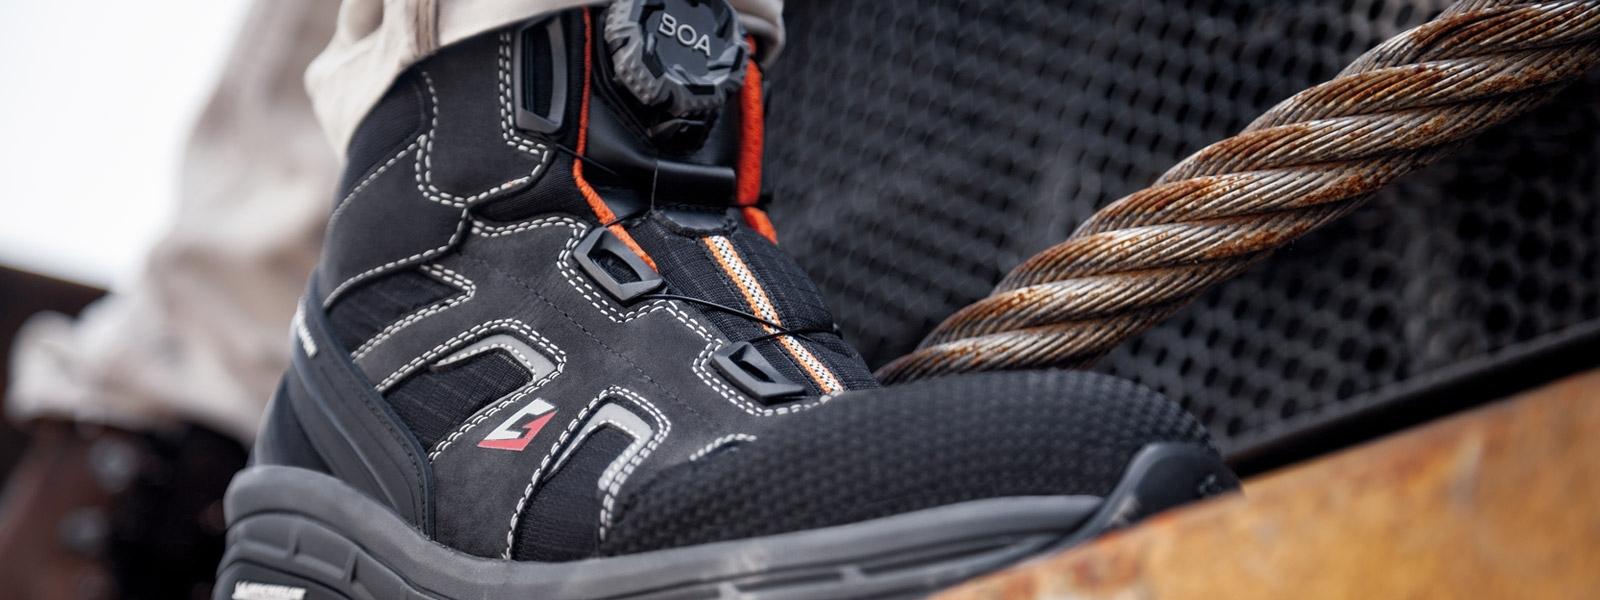 Garsport Boa® Fit System safety shoes shop online